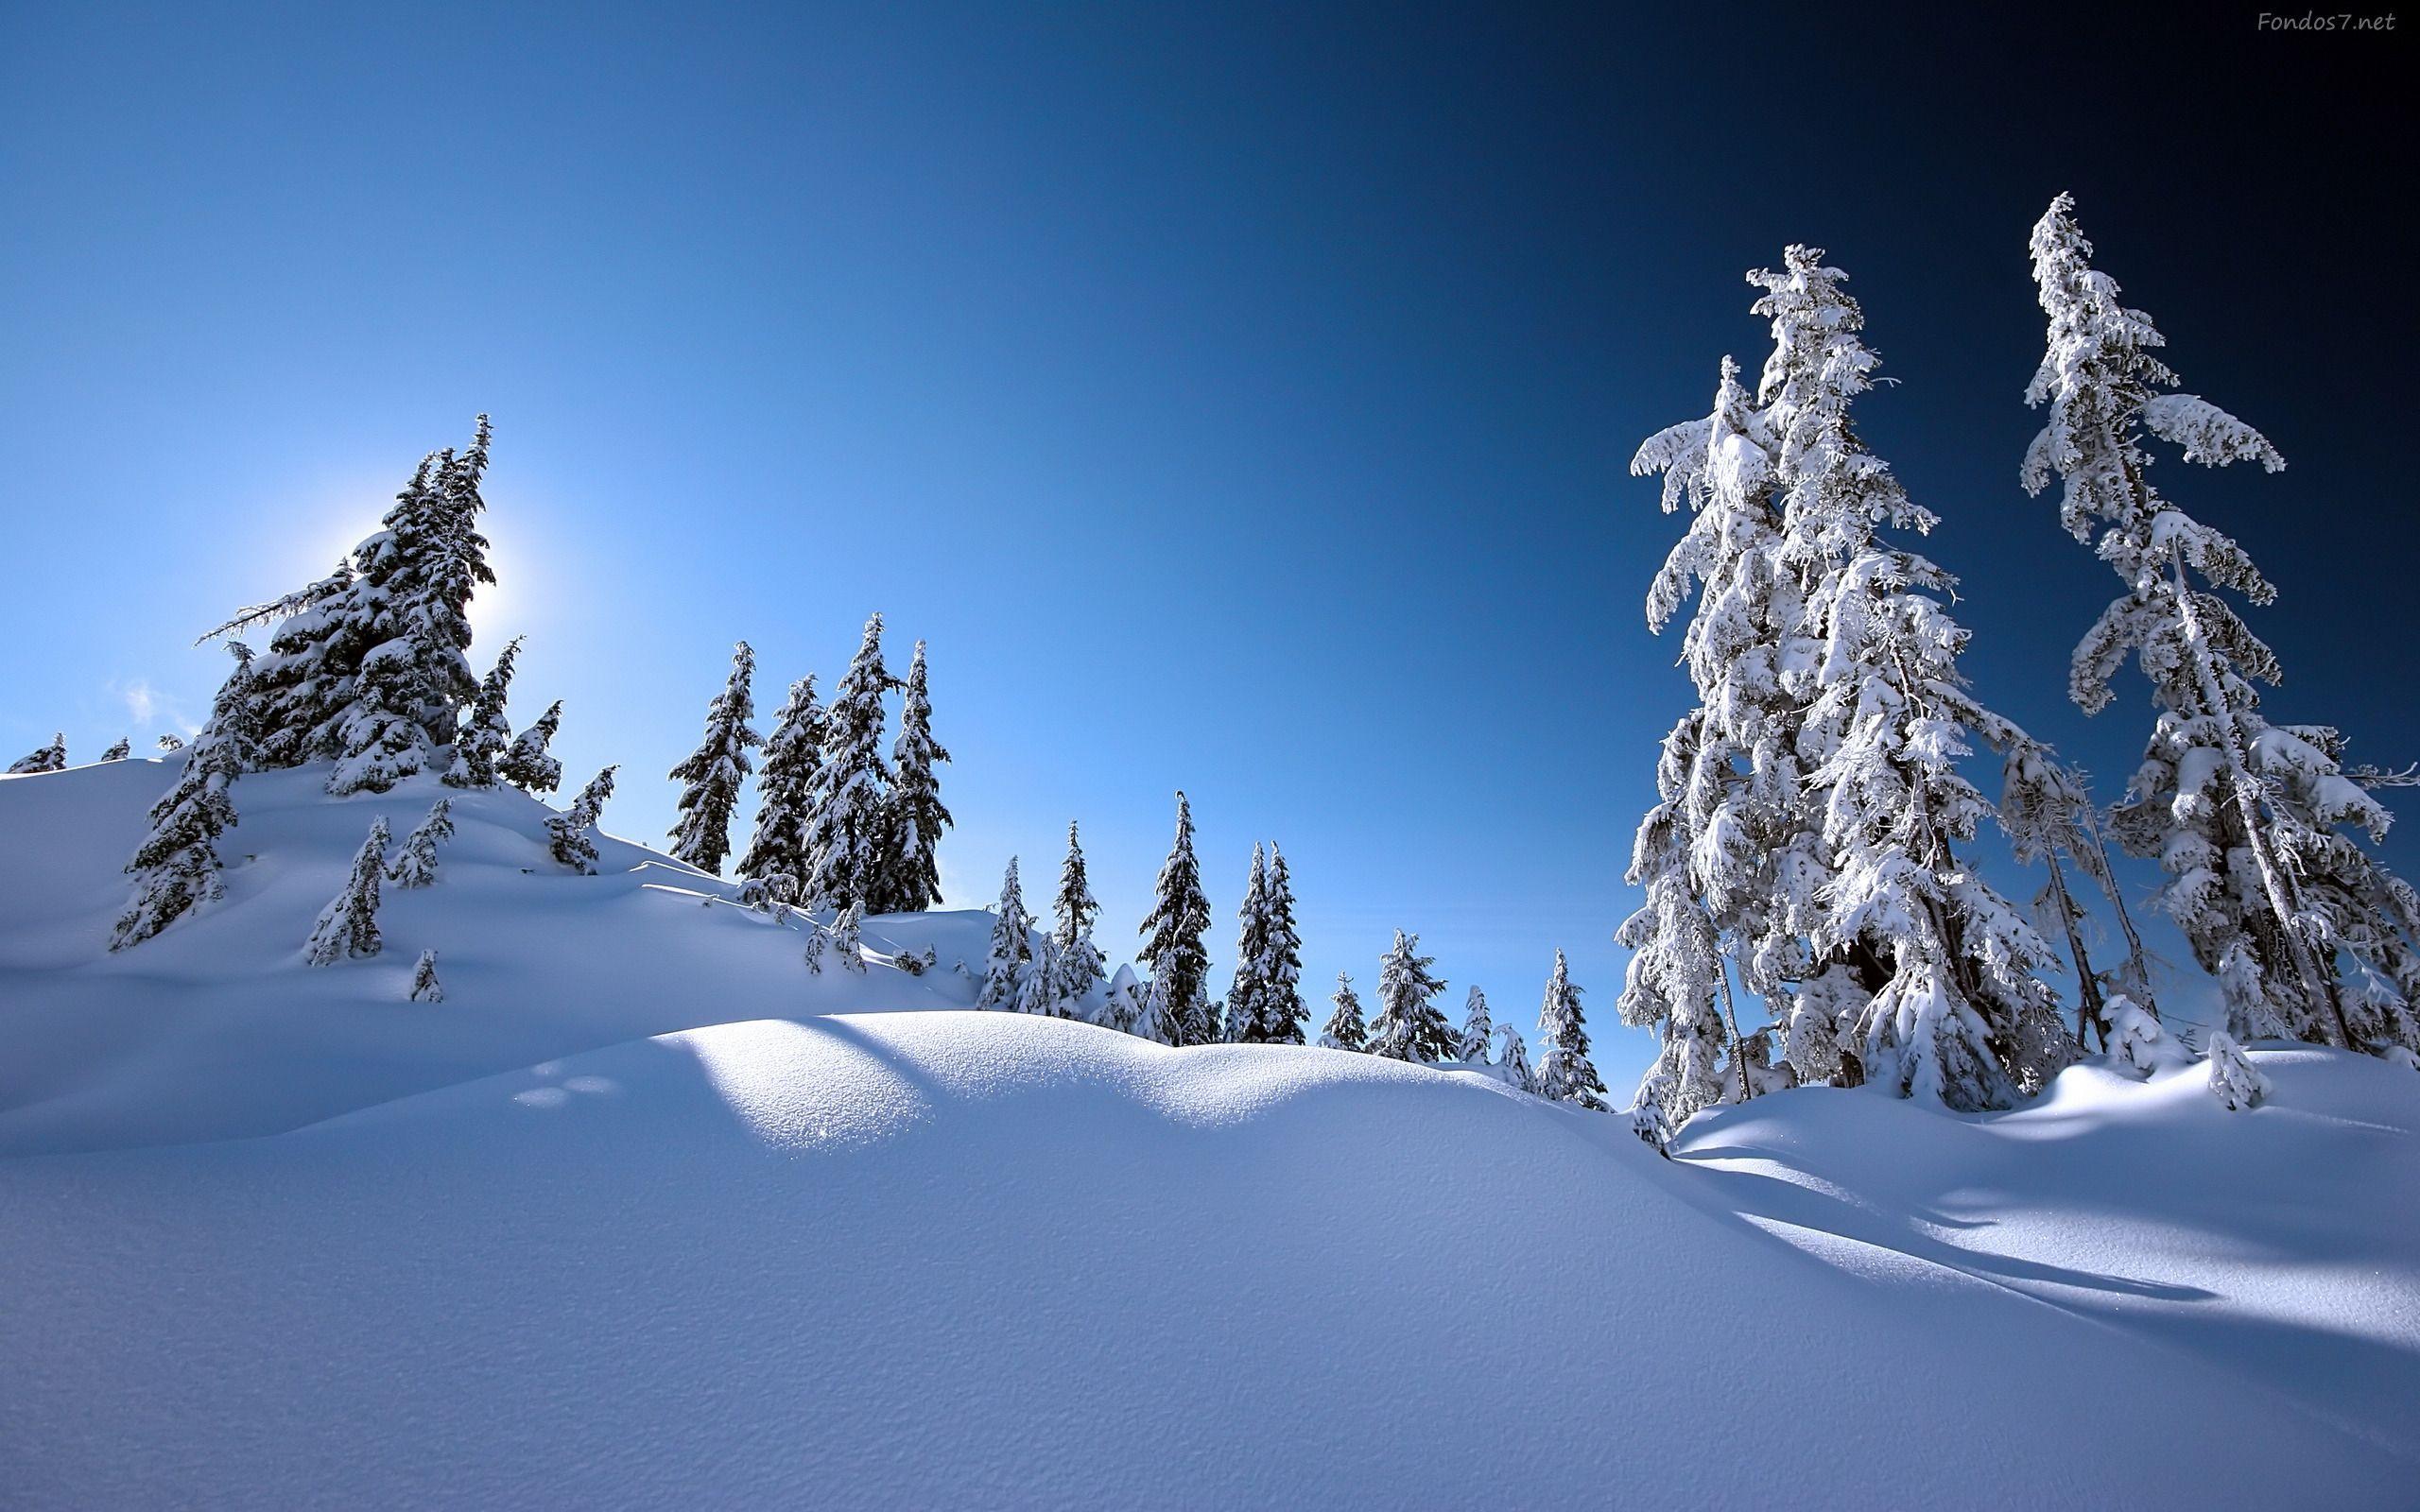 Si en Islandia hace frío... ¿Cuál es el lugar más frío de la Tierra?